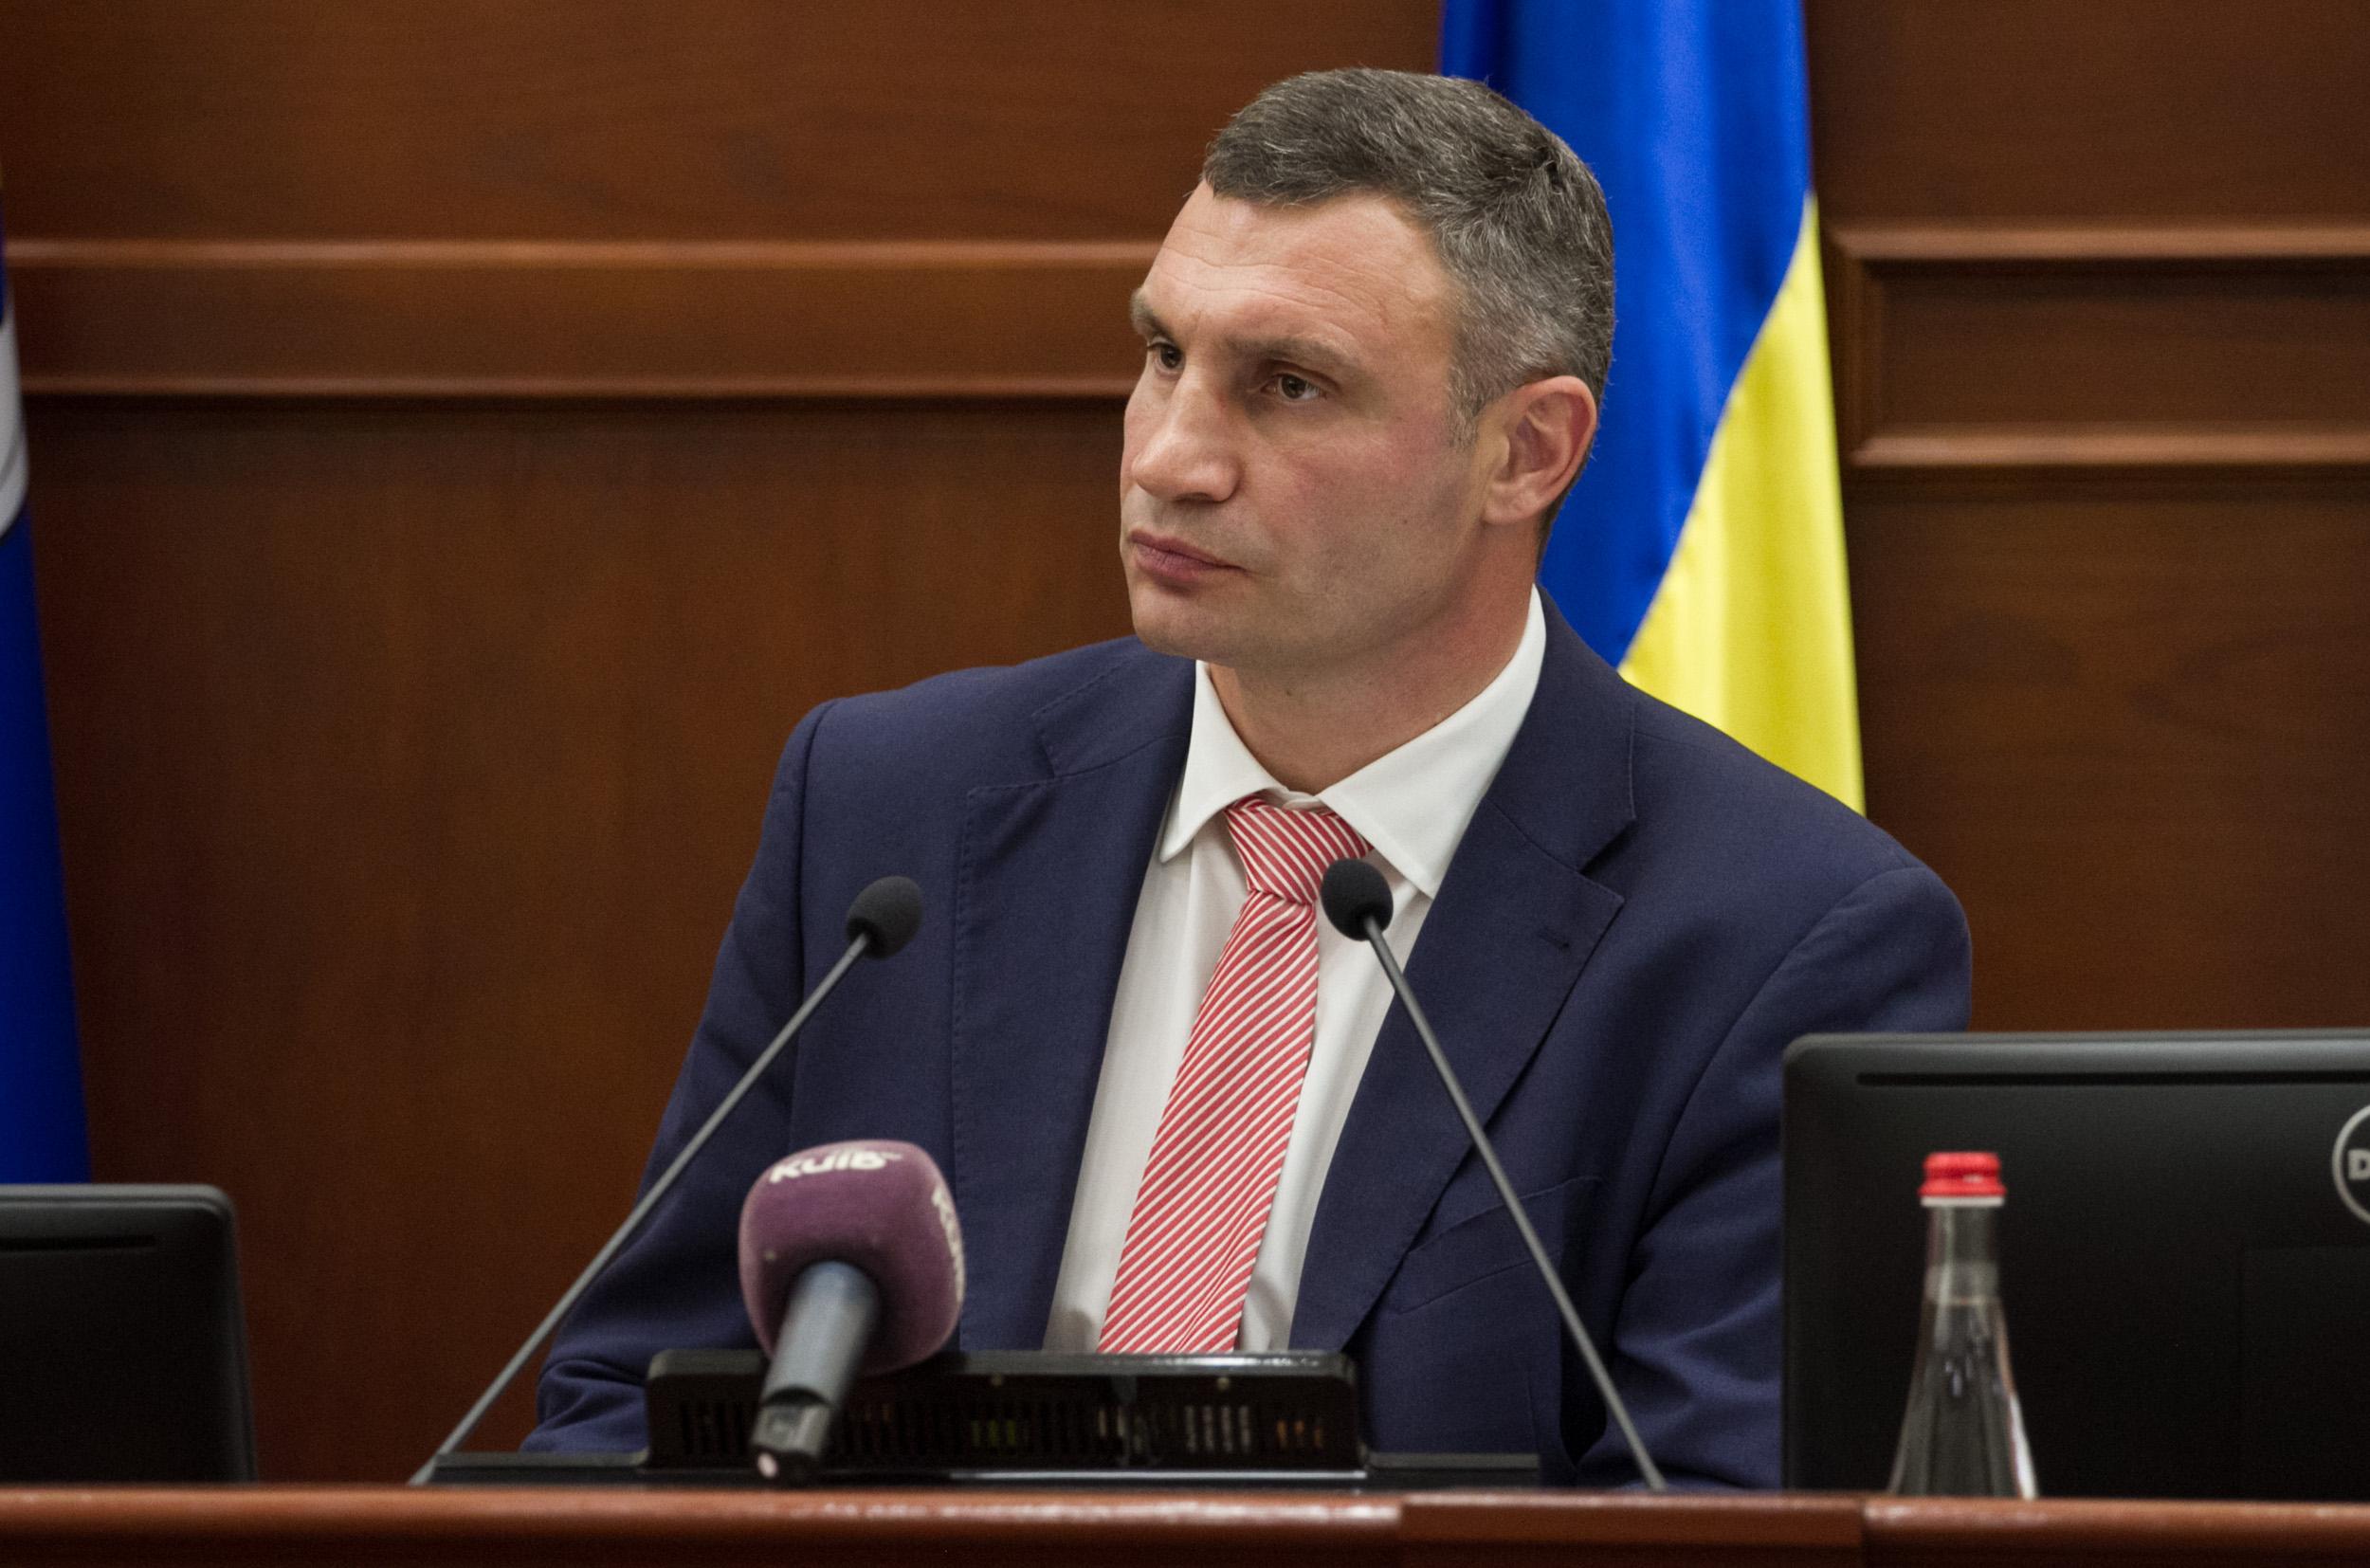 Владельцы МАФов не придерживаются честной конкуренции, чем уничтожают малый бизнес в Киеве - Кличко